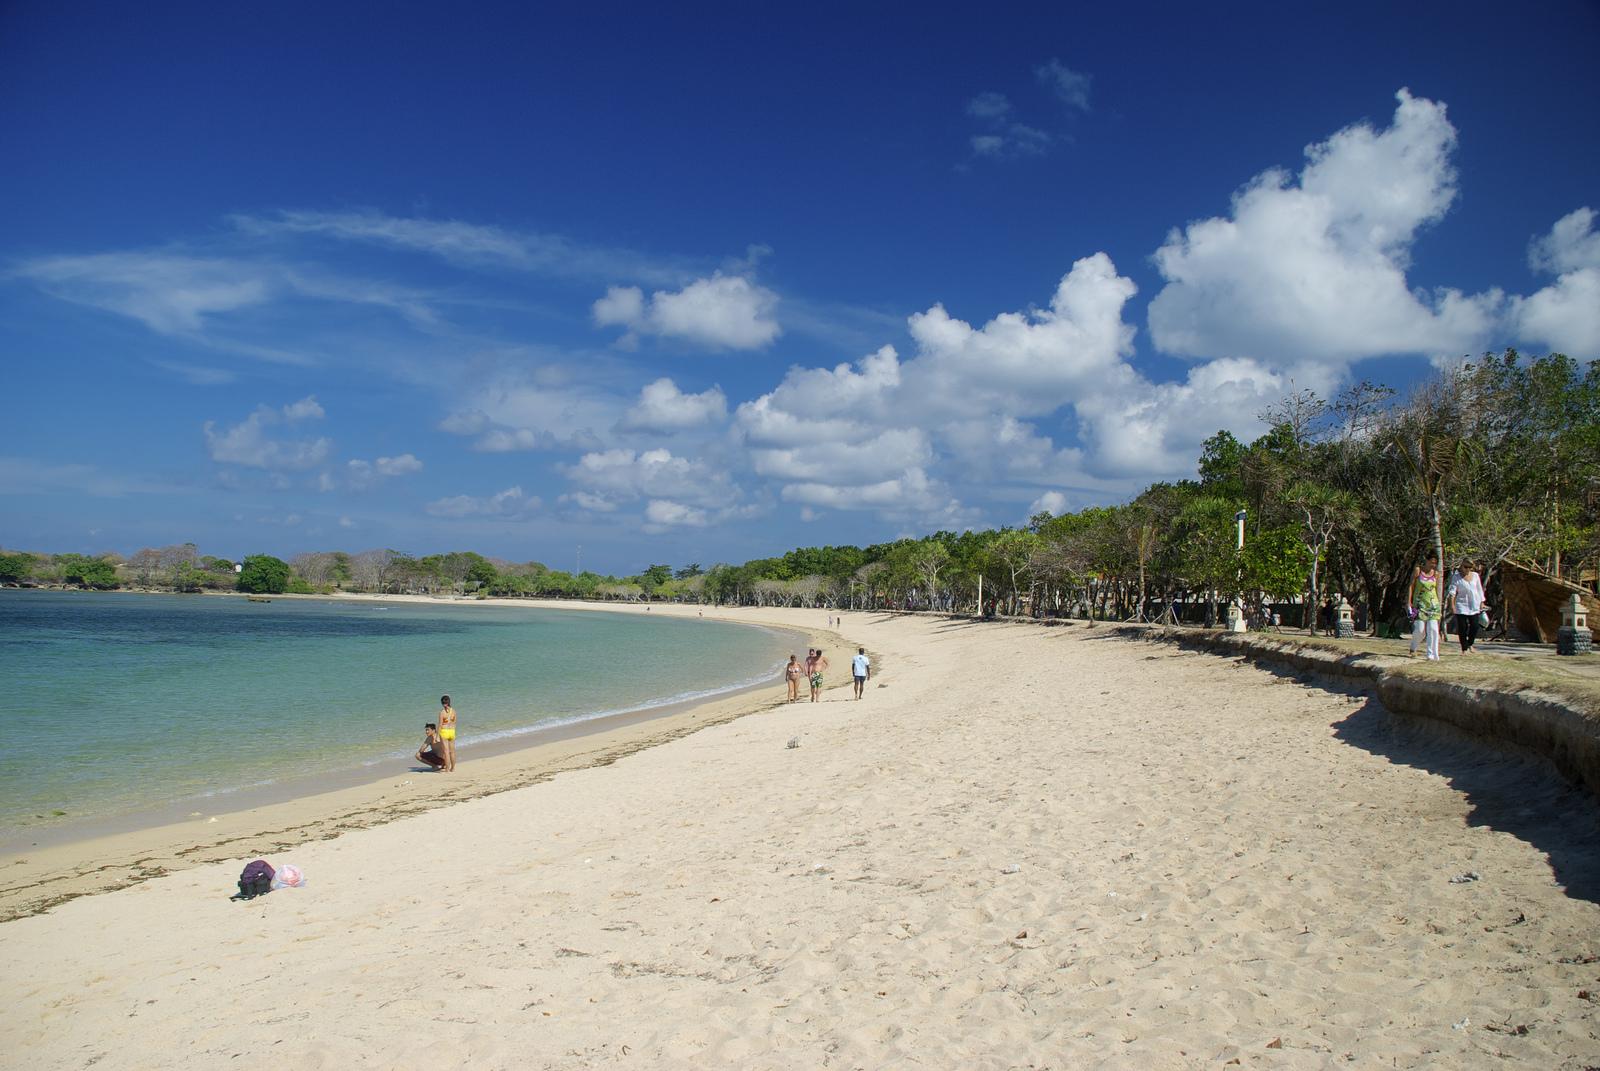 владимир путин пляж нуса дуа бали фото туристов дерева популярный